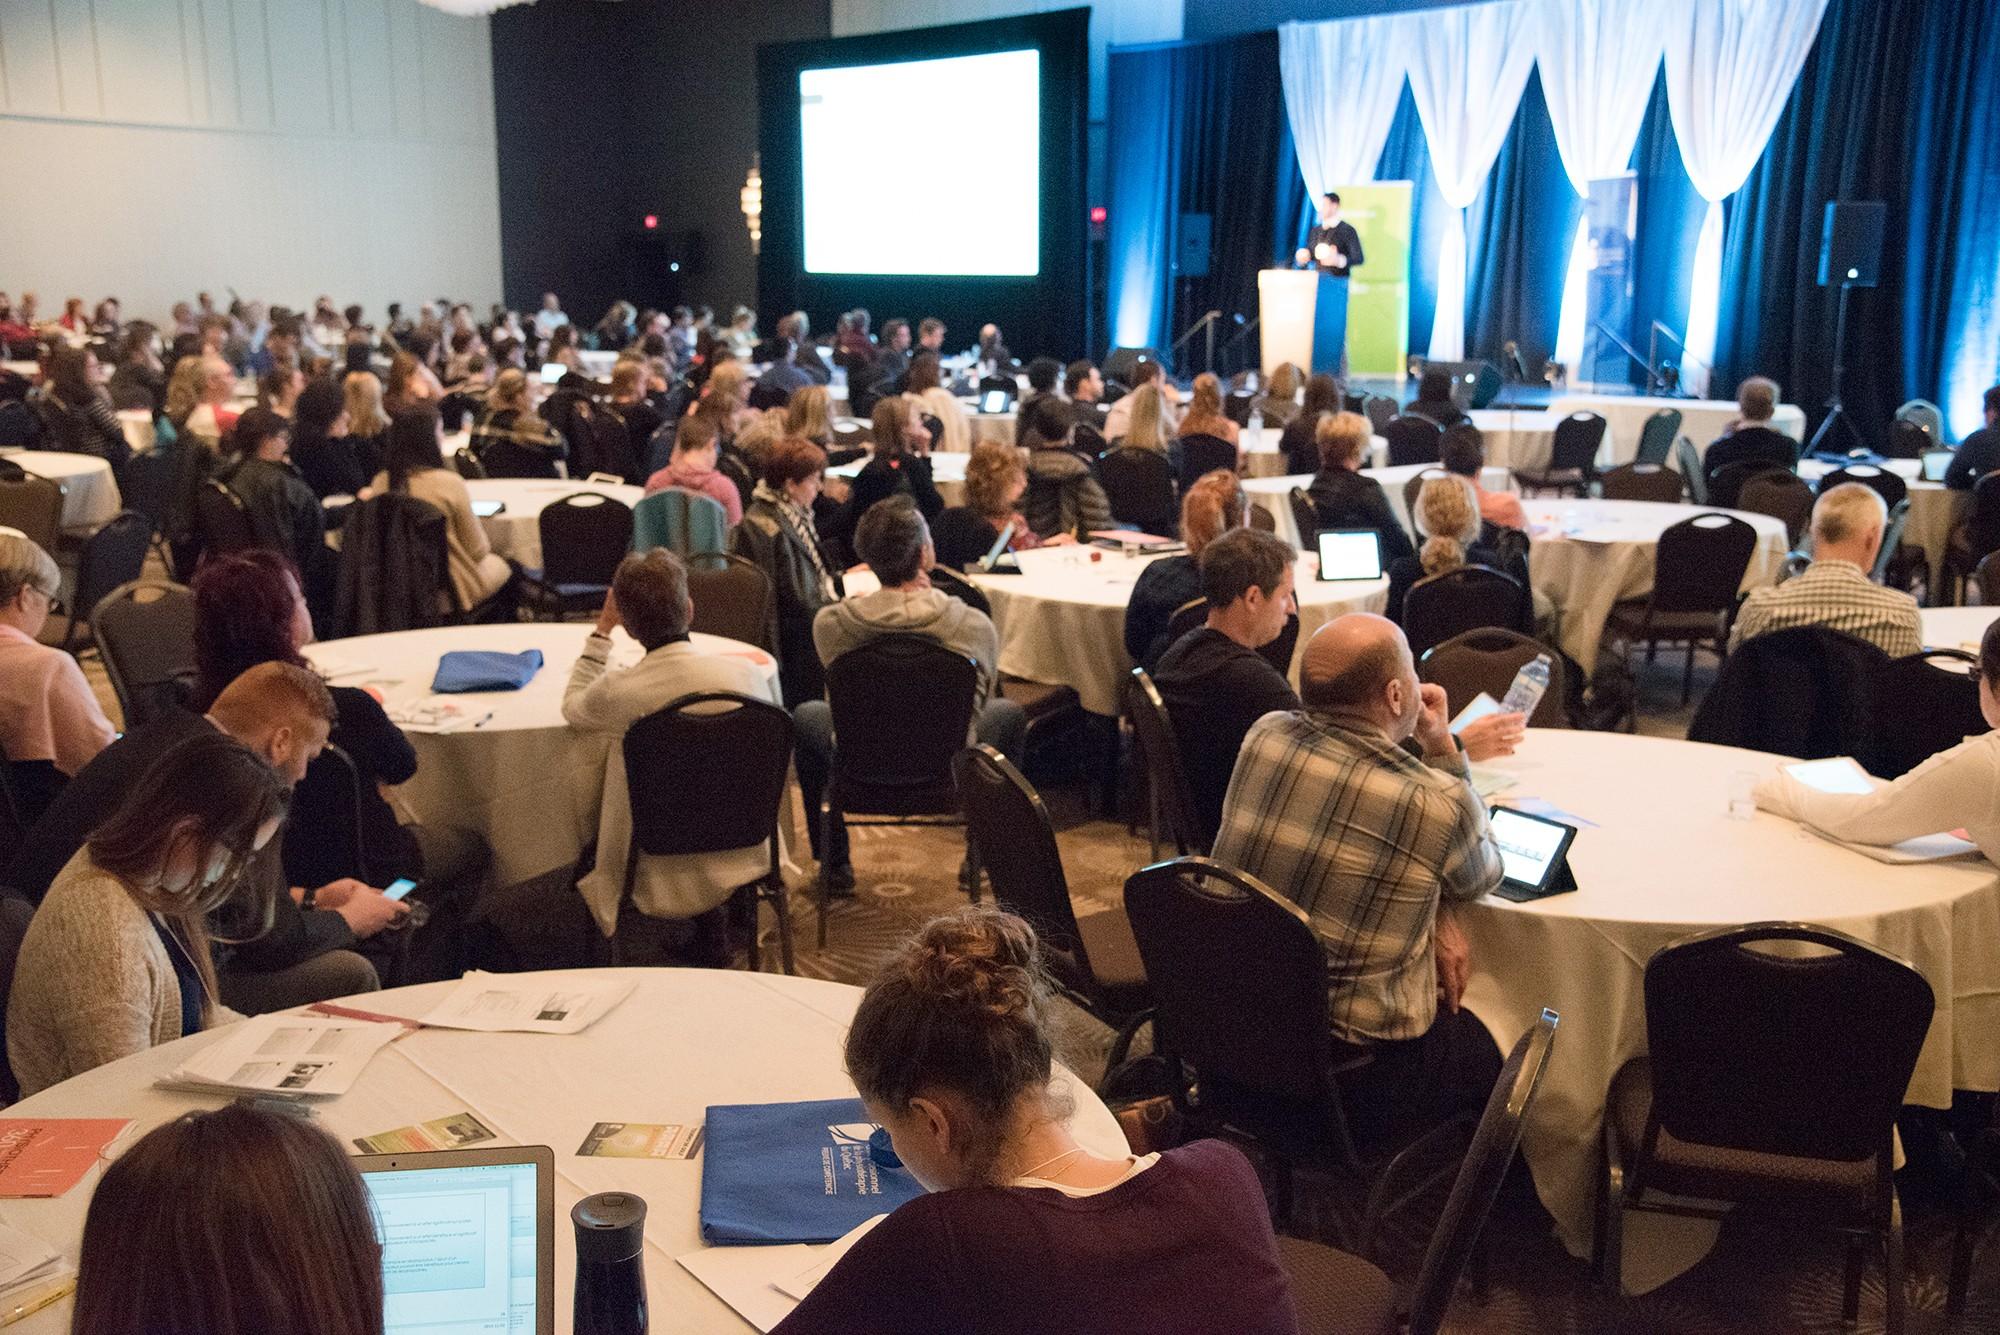 Participants dans la salle capté durant un événement corporatif à Québec